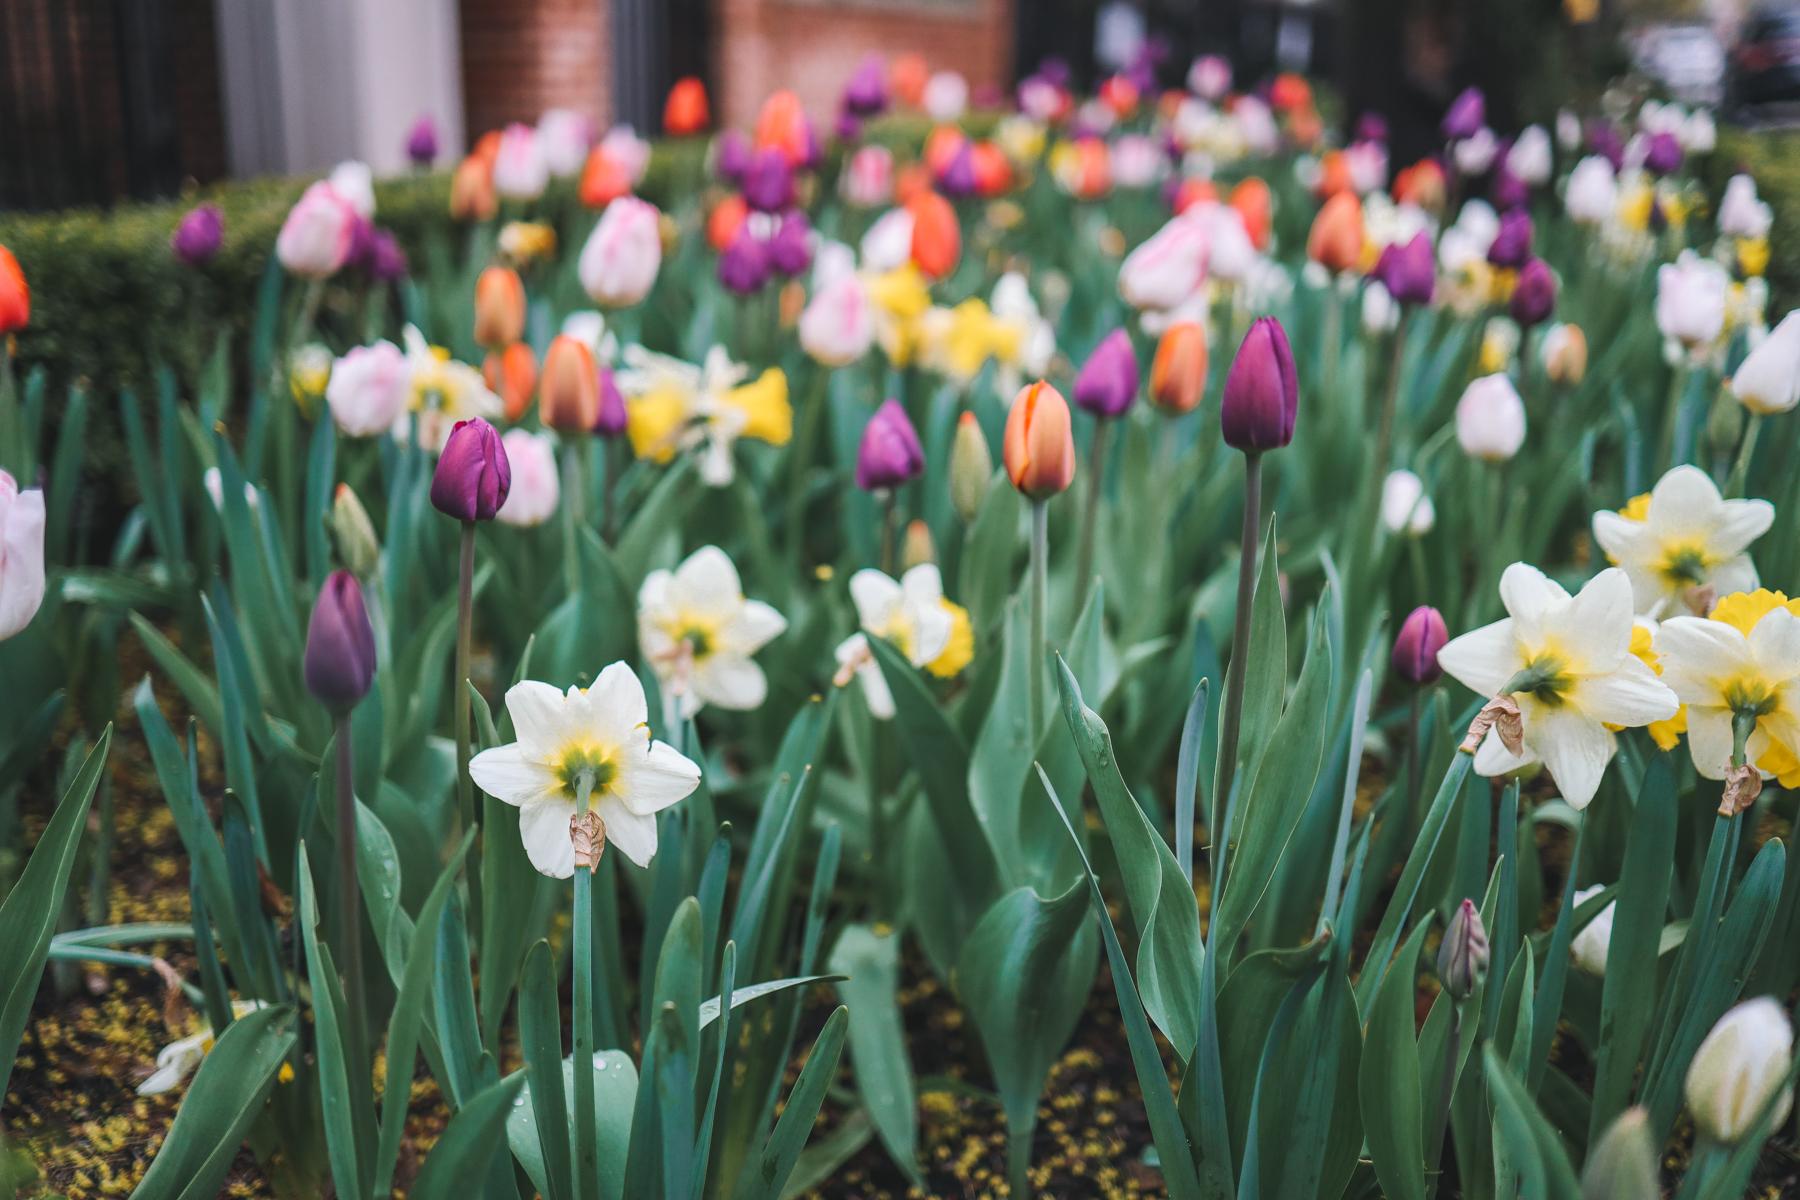 Flowers - Springtime